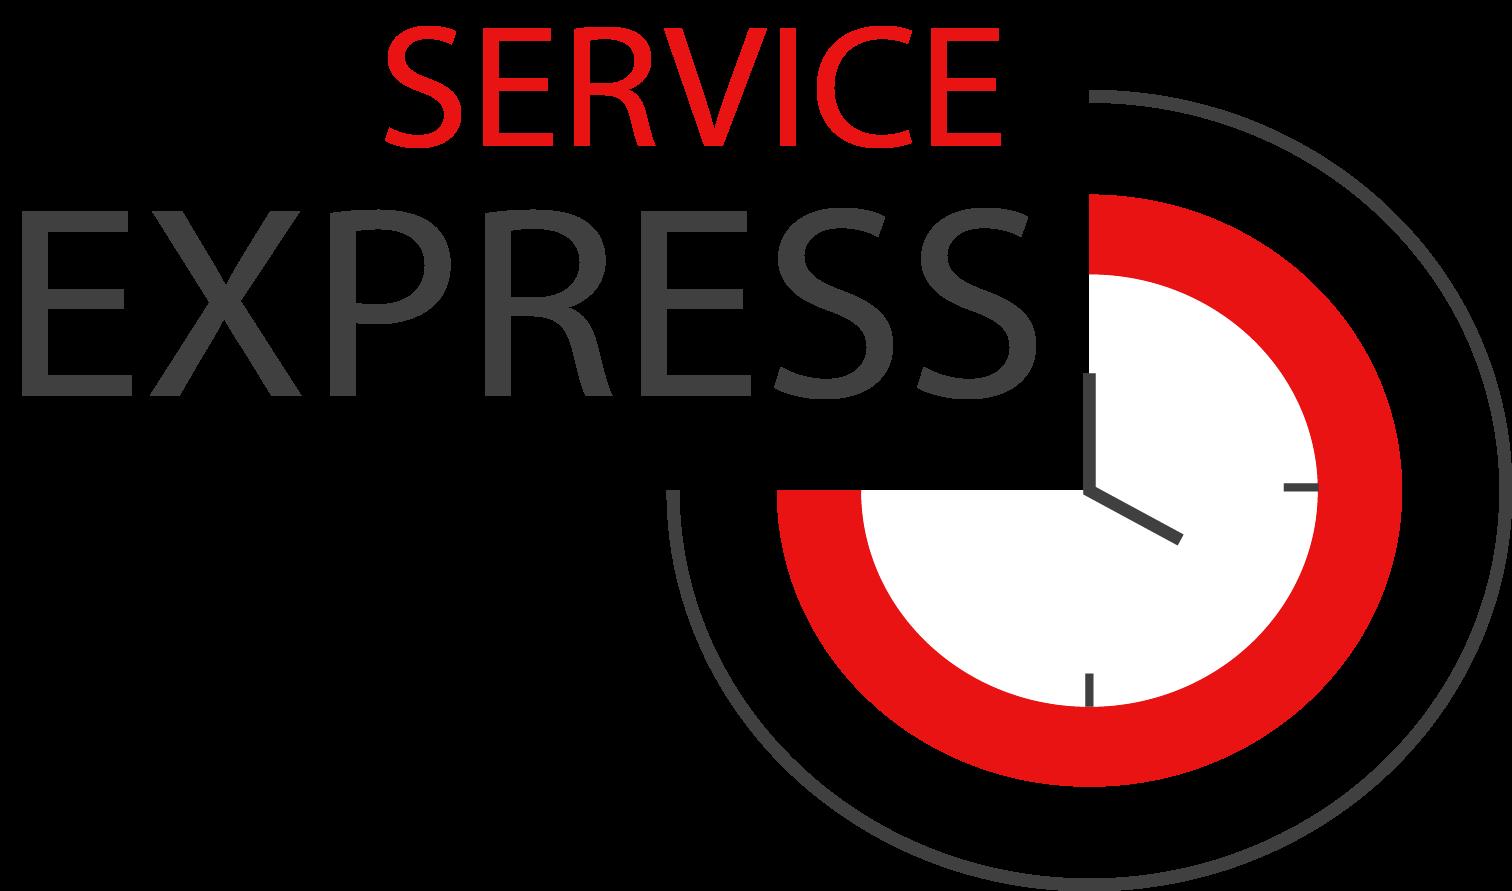 logo-forfait-express.png